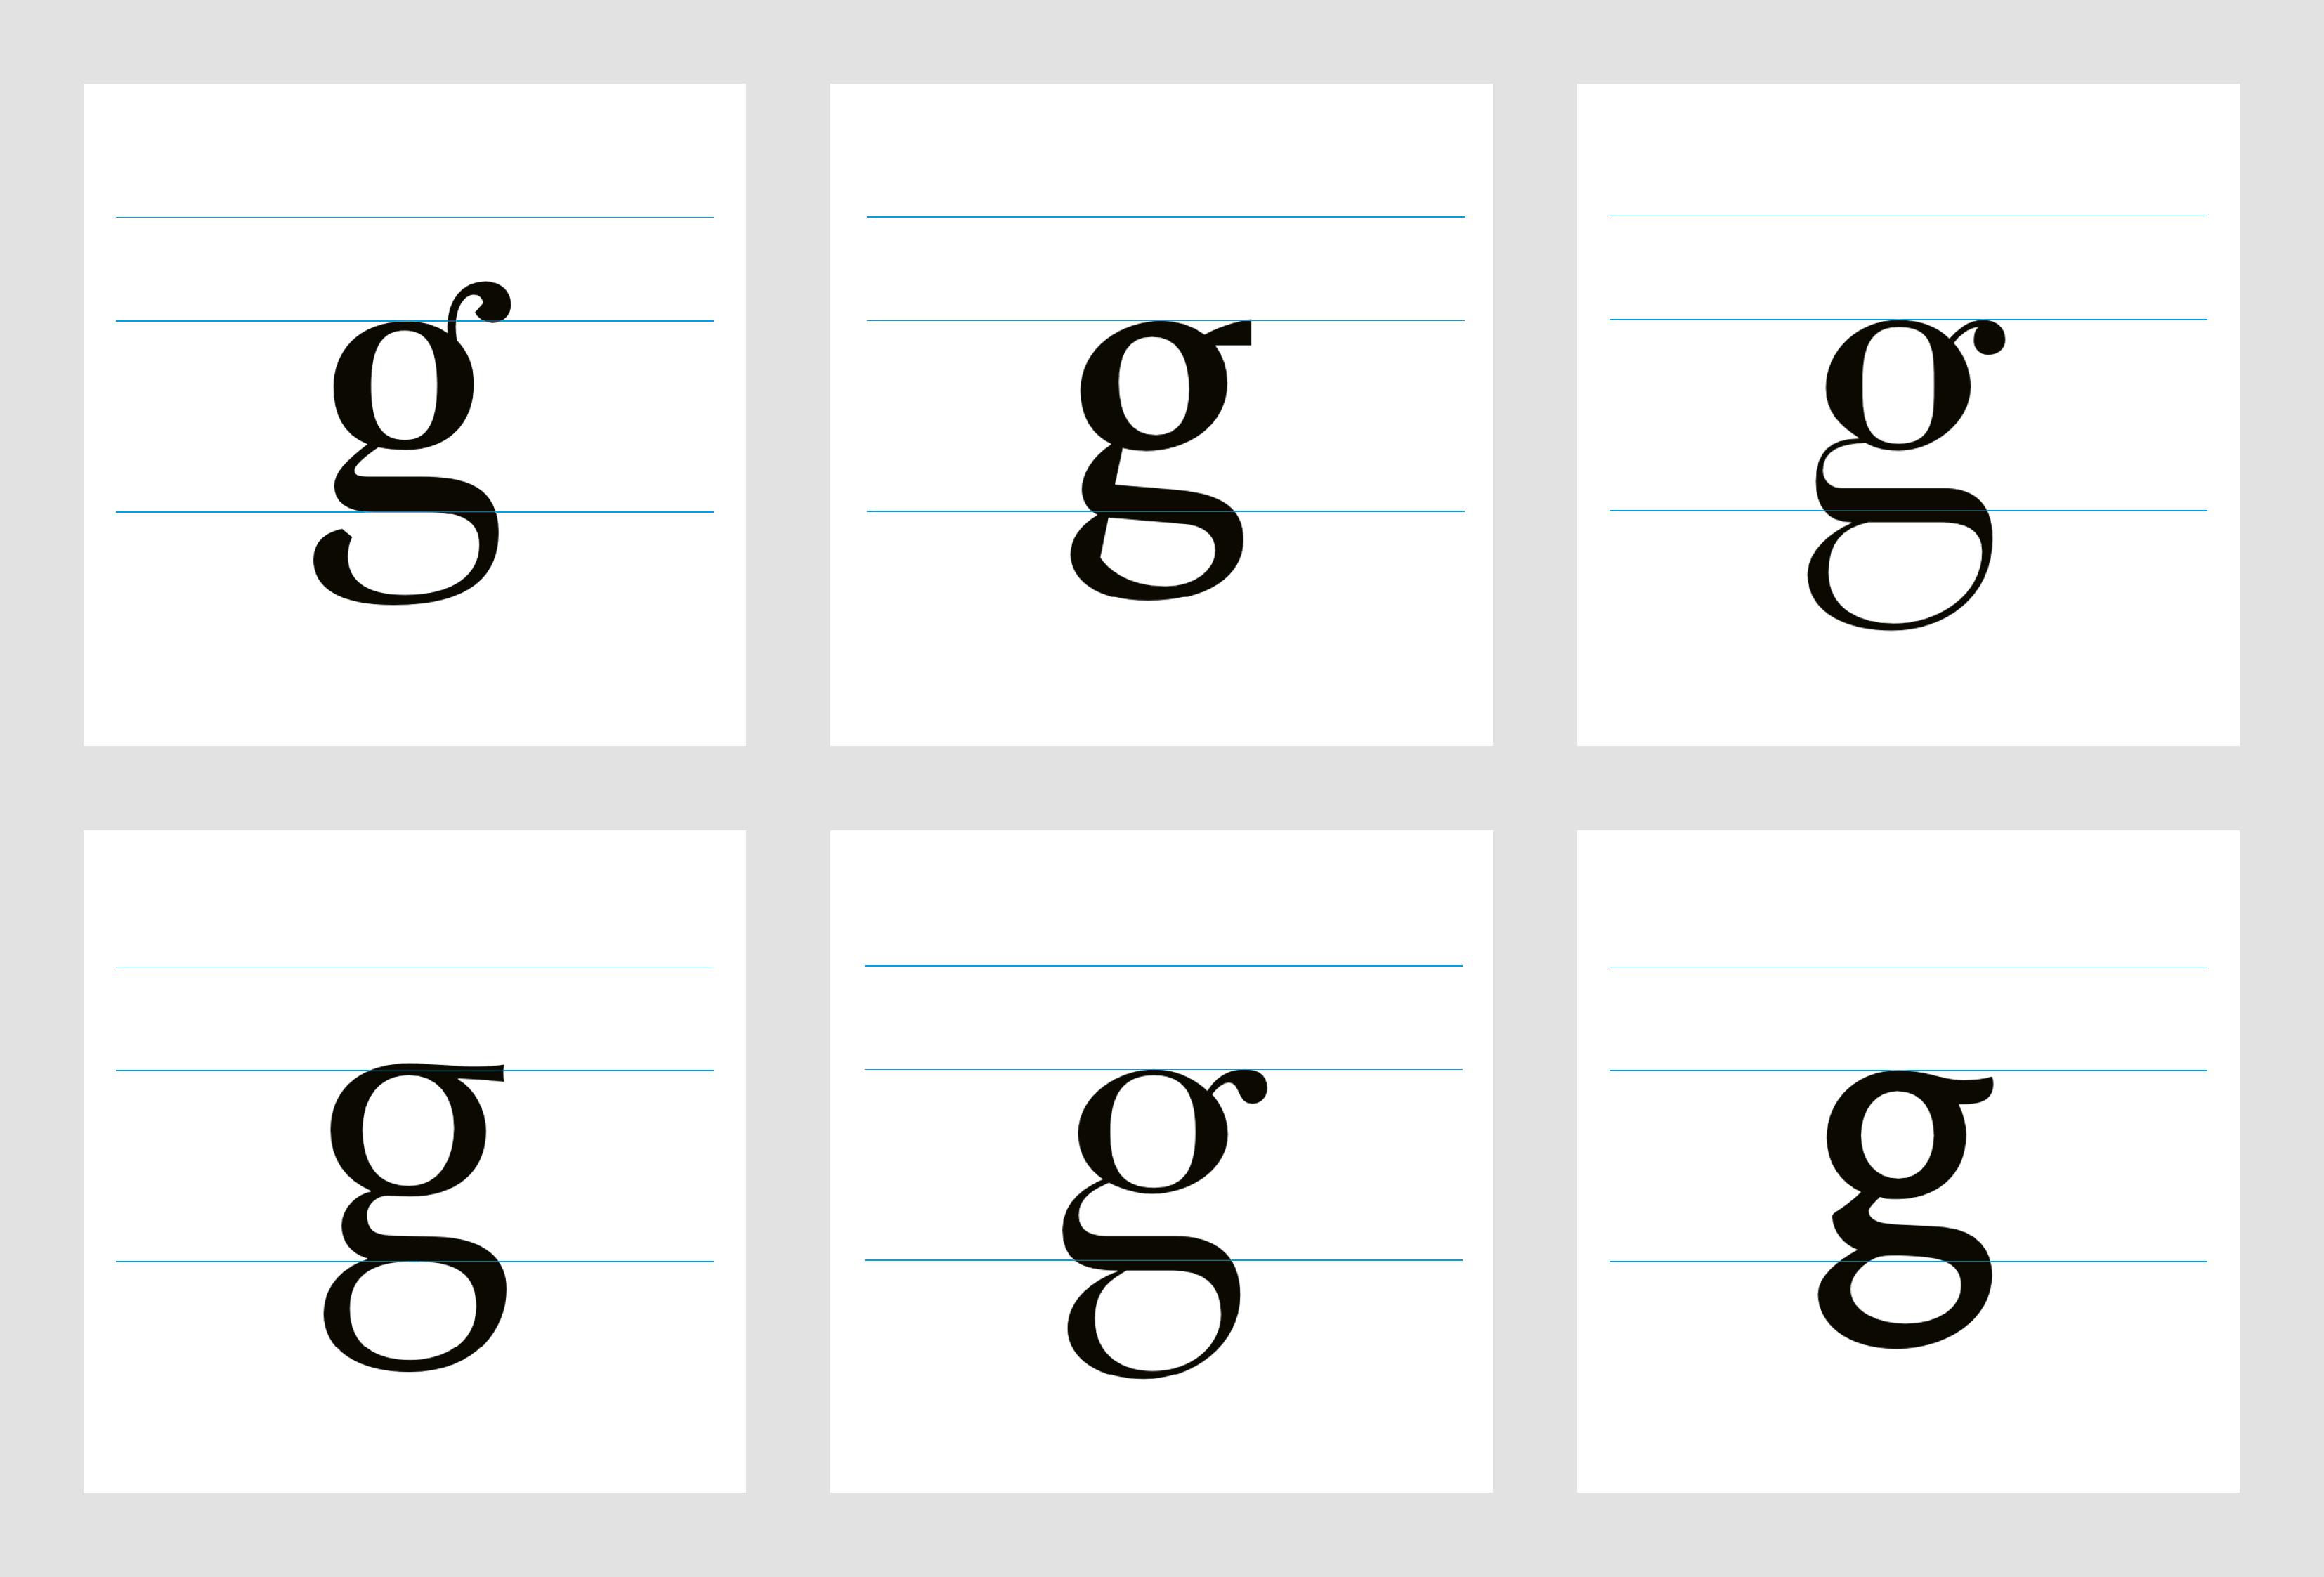 Musterkarte 1 aus: Das kleine g – eine experimentelle Studie